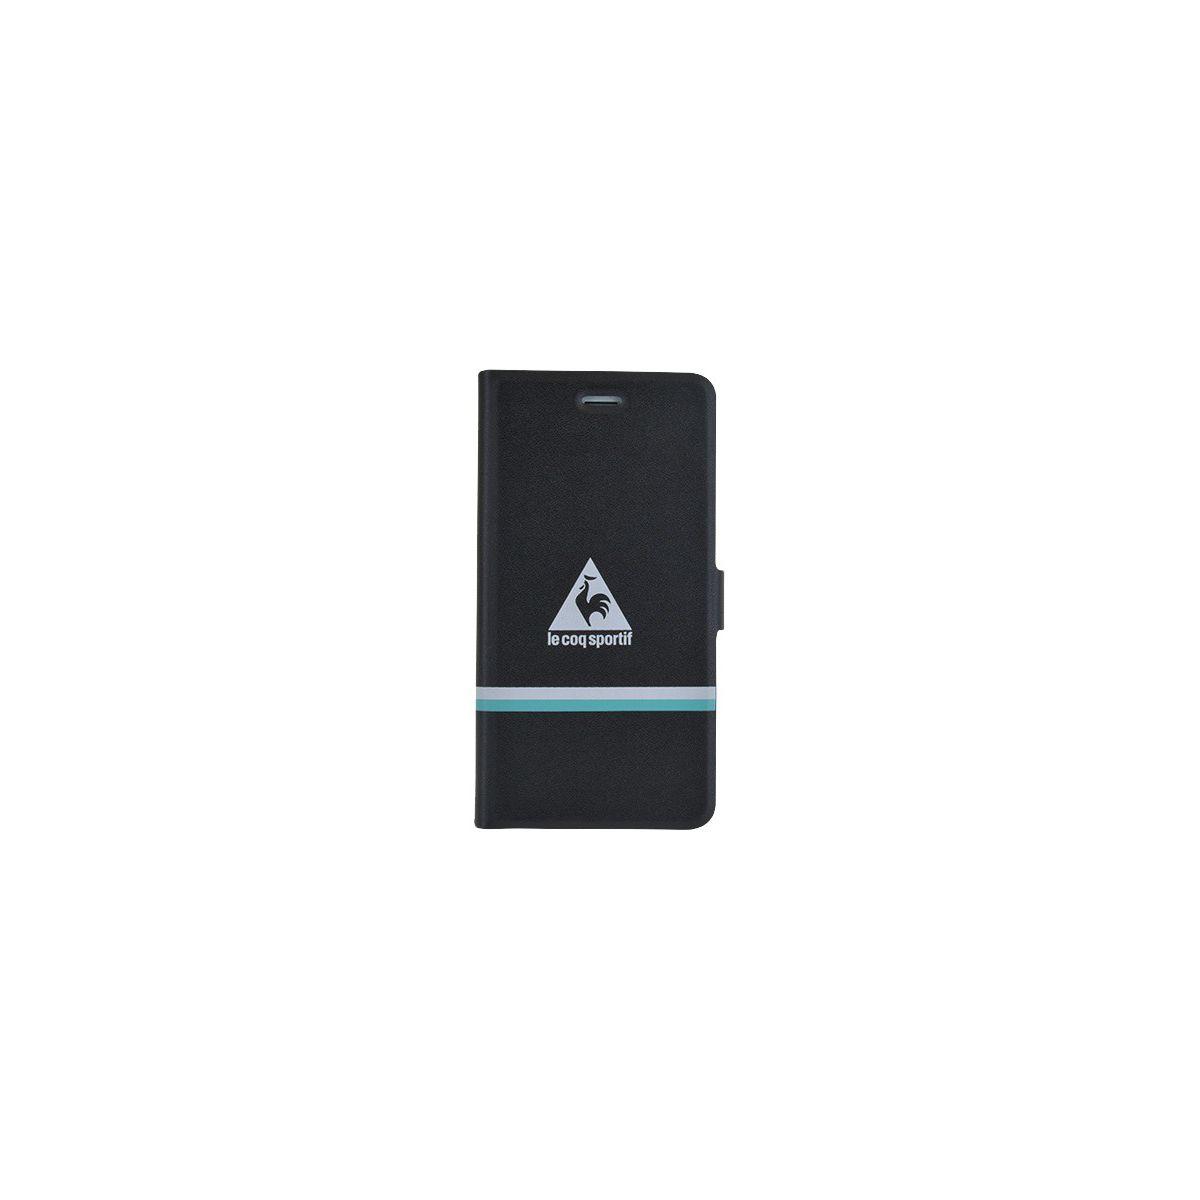 Etui COQ SPORTIF folio reverso iPhone 6/6s noir/turquoise